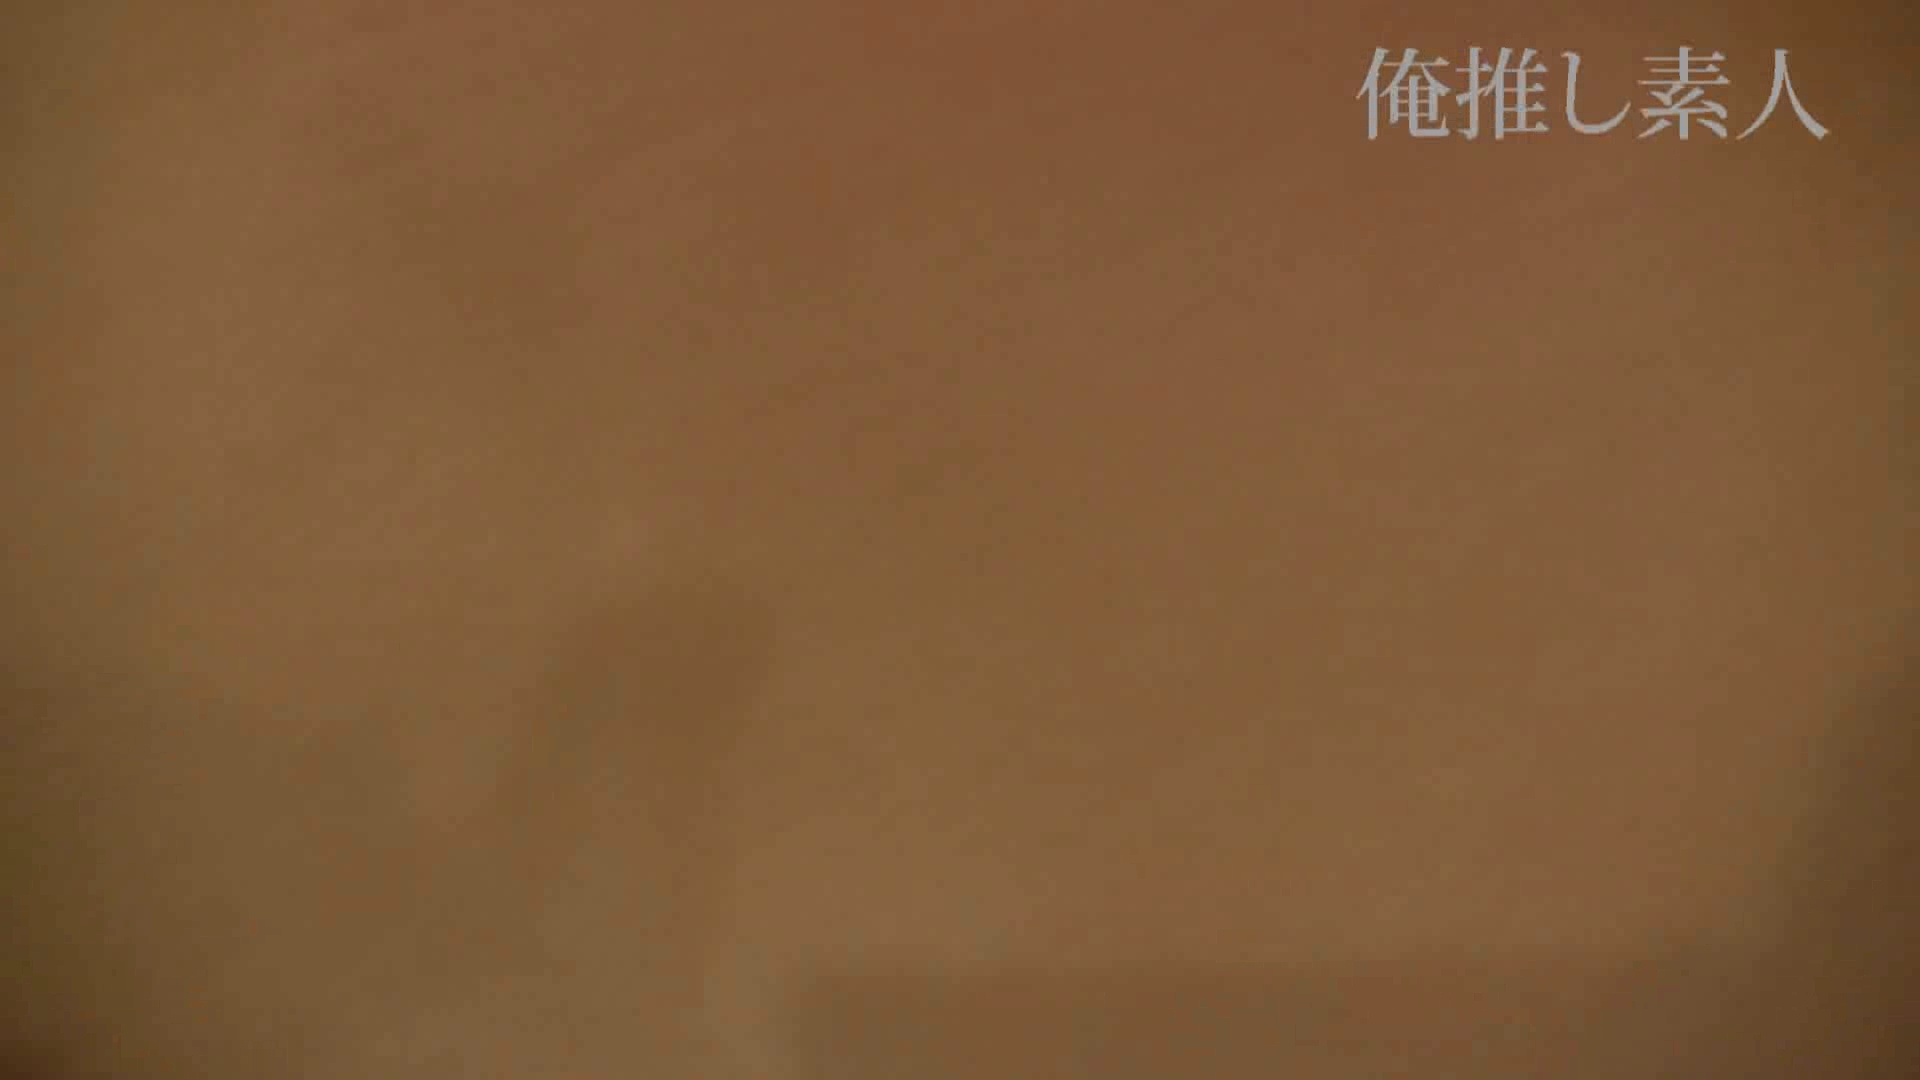 俺推し素人 キャバクラ嬢26歳久美 フェラ  98PIX 60